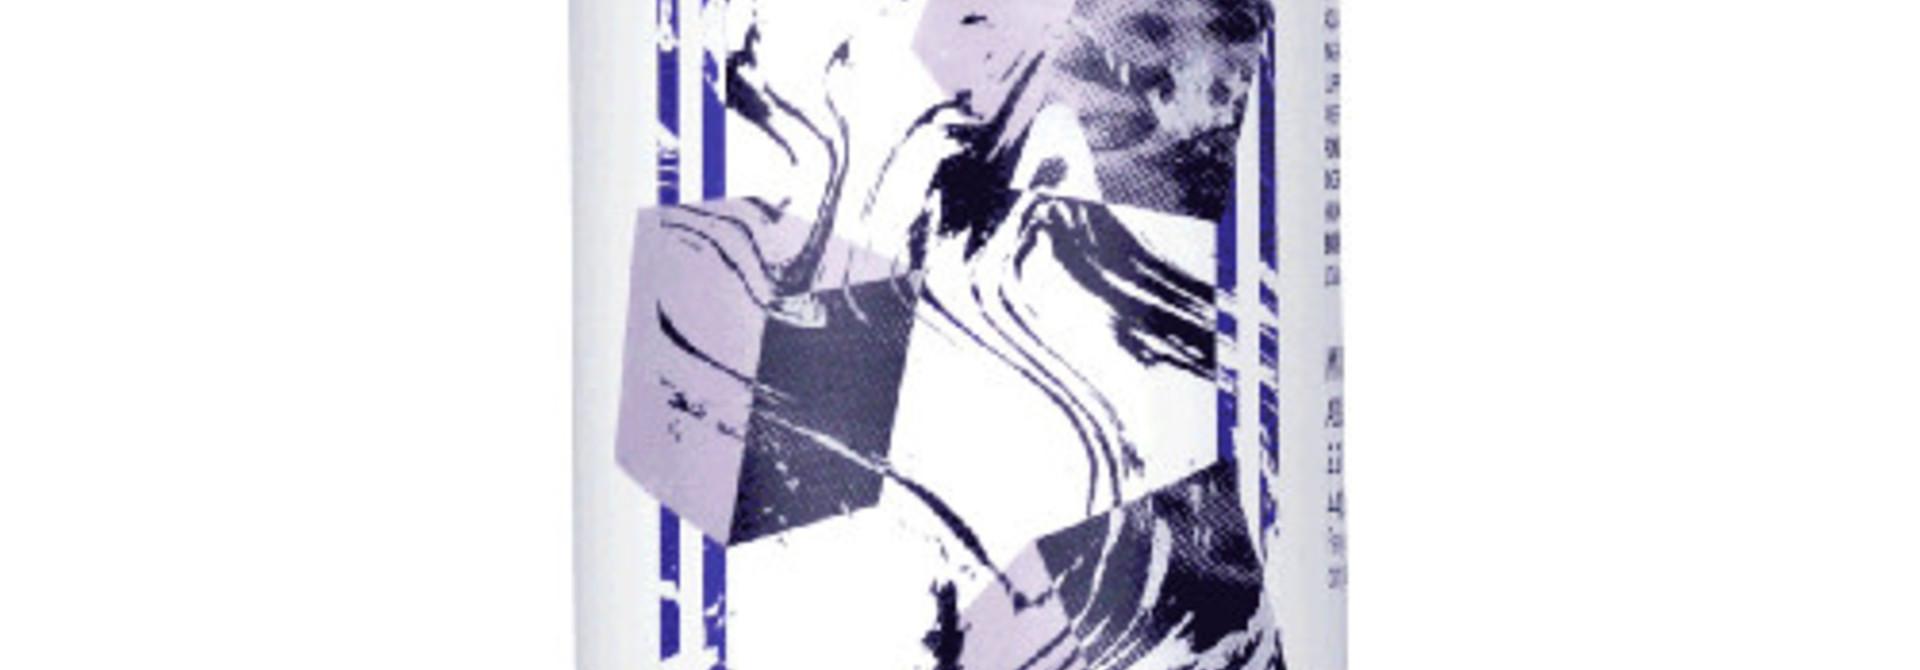 WHIPLASH DAWN CHORUS 44CL